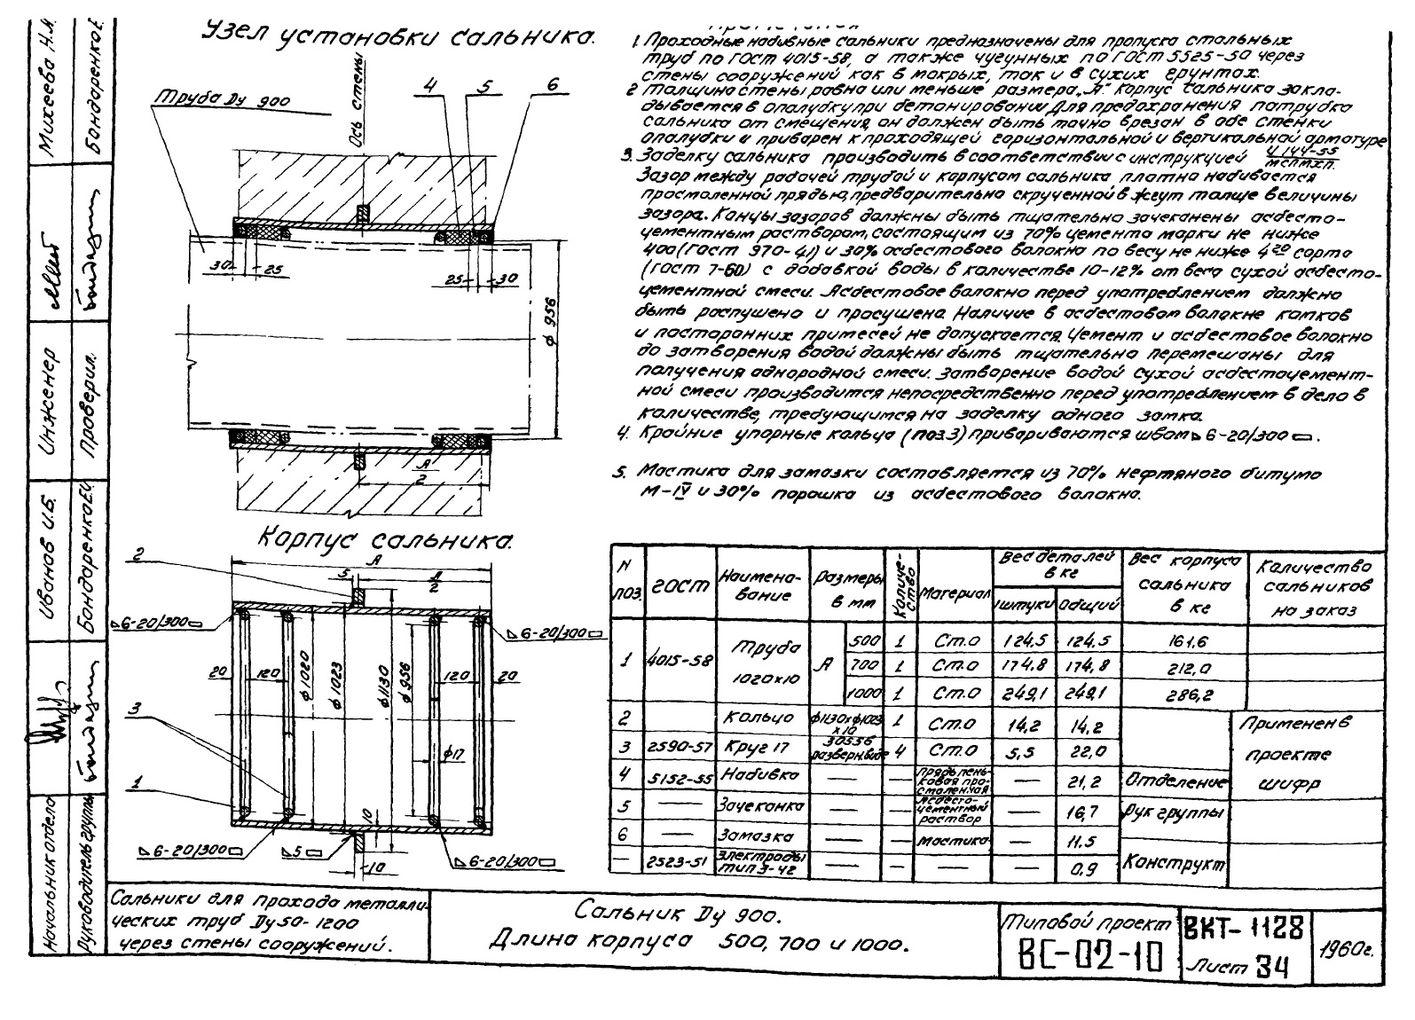 Сальники набивные L = 1000 мм типовой проект ВС-02-10 стр.16